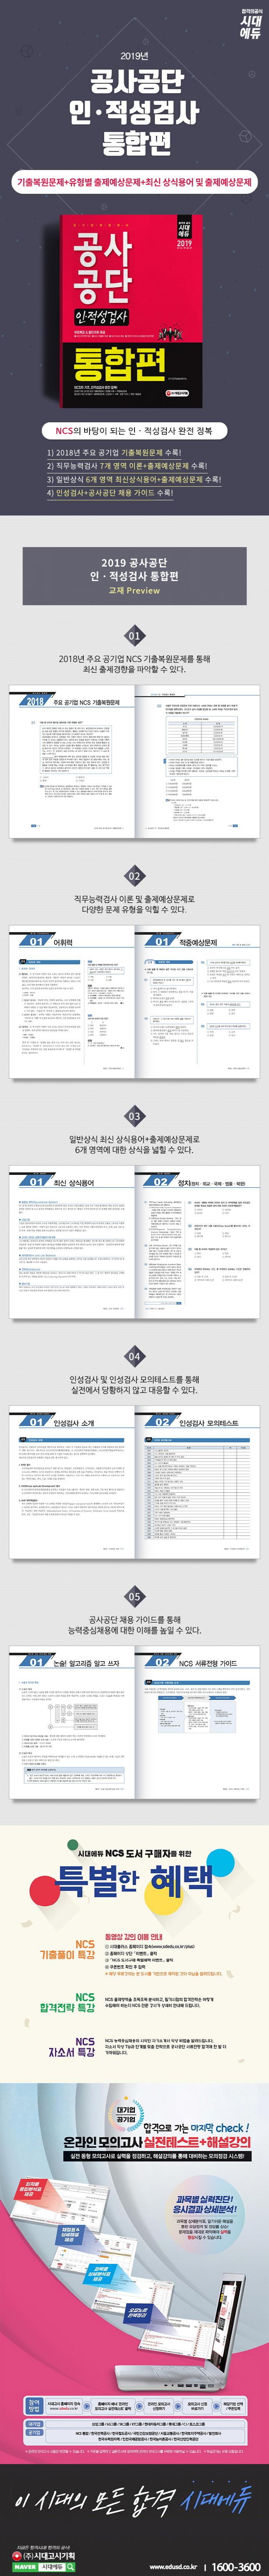 공사공단(공기업) 인적성검사 통합편(2019) 도서 상세이미지